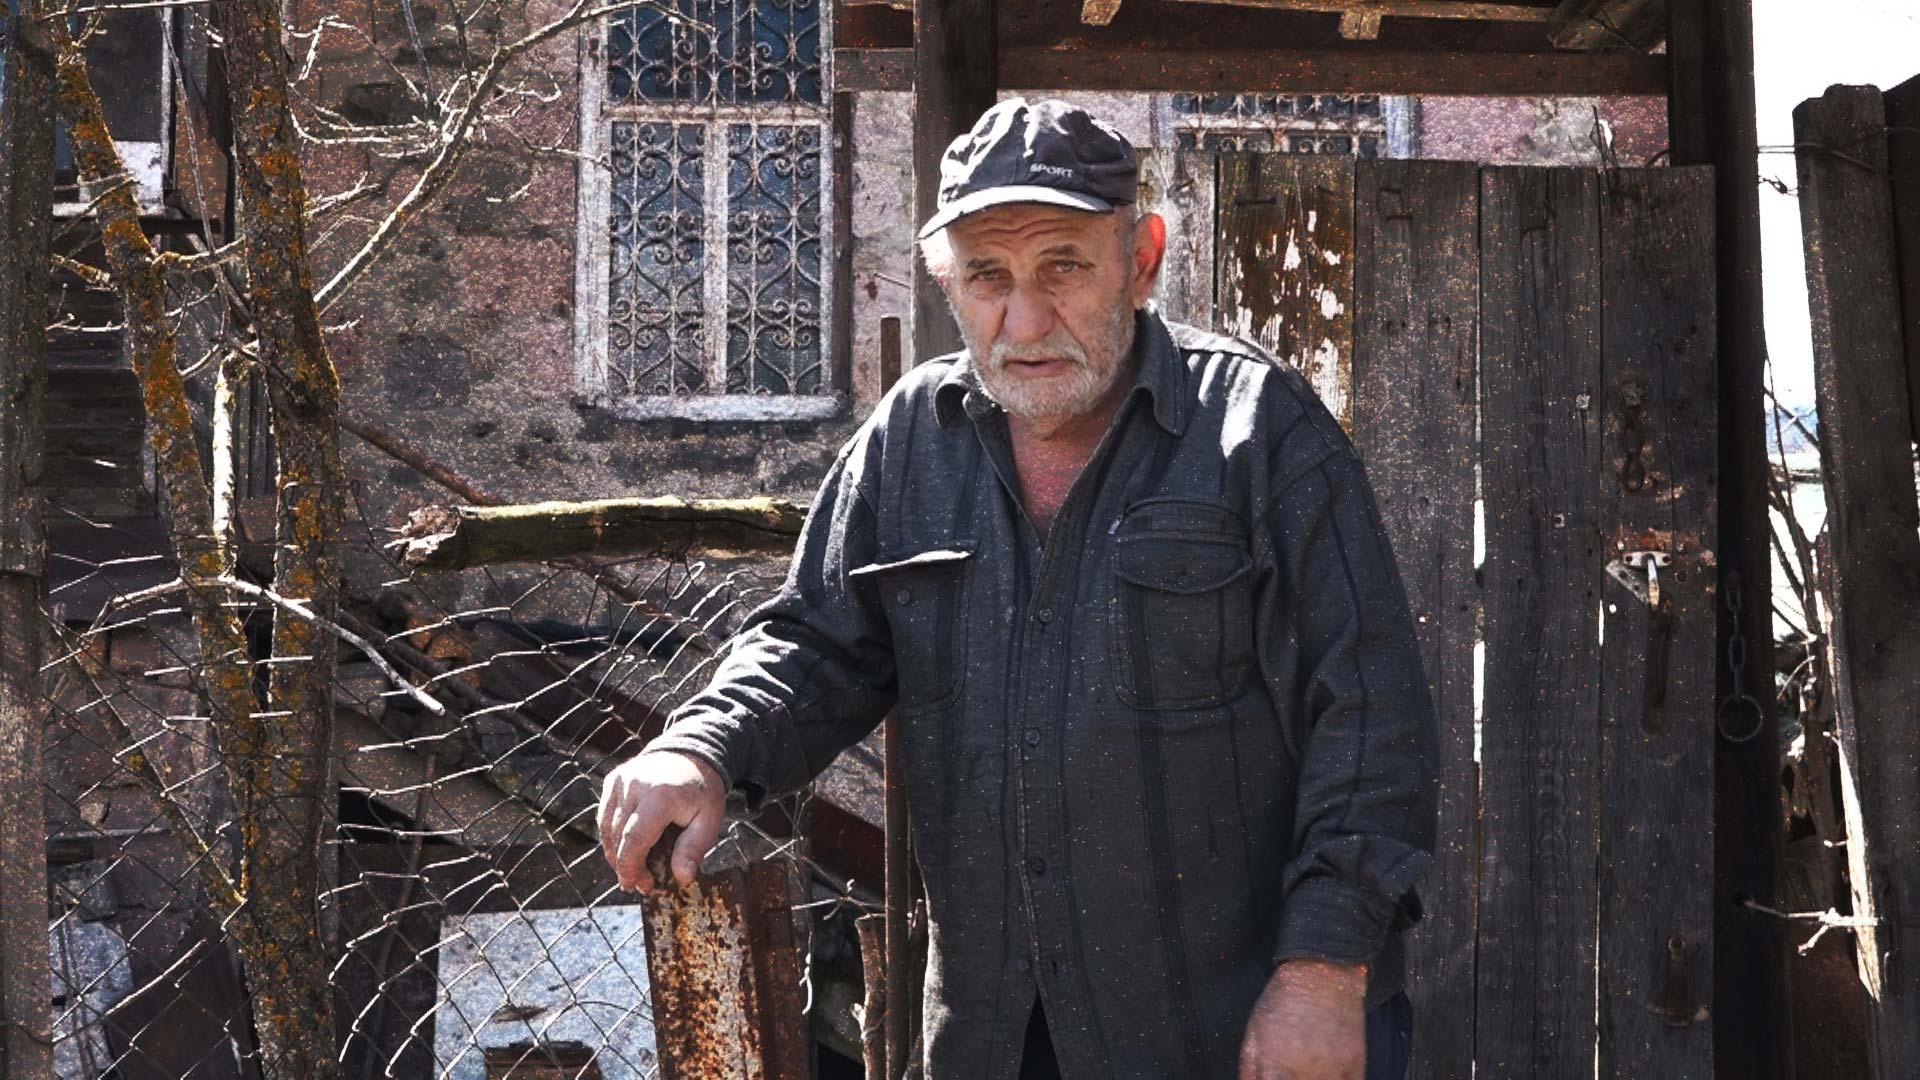 nagornyi karabax reportage 04 - <b>Новая старая граница:</b> почему армянские села оказались на территории Азербайджана - Заборона